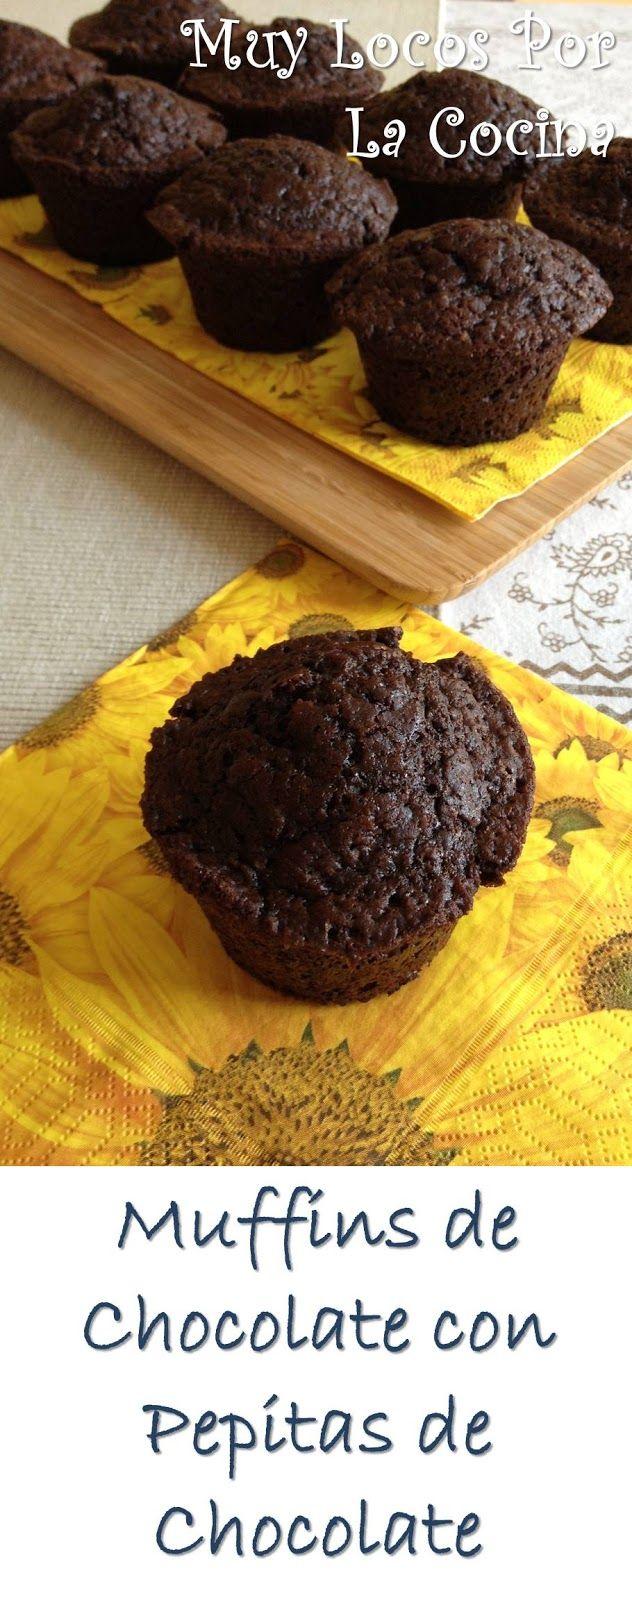 Twittear      Estos muffins harán las delicias de los amantes del chocolate. Tienen un sabor intenso a chocolate, con aroma d...